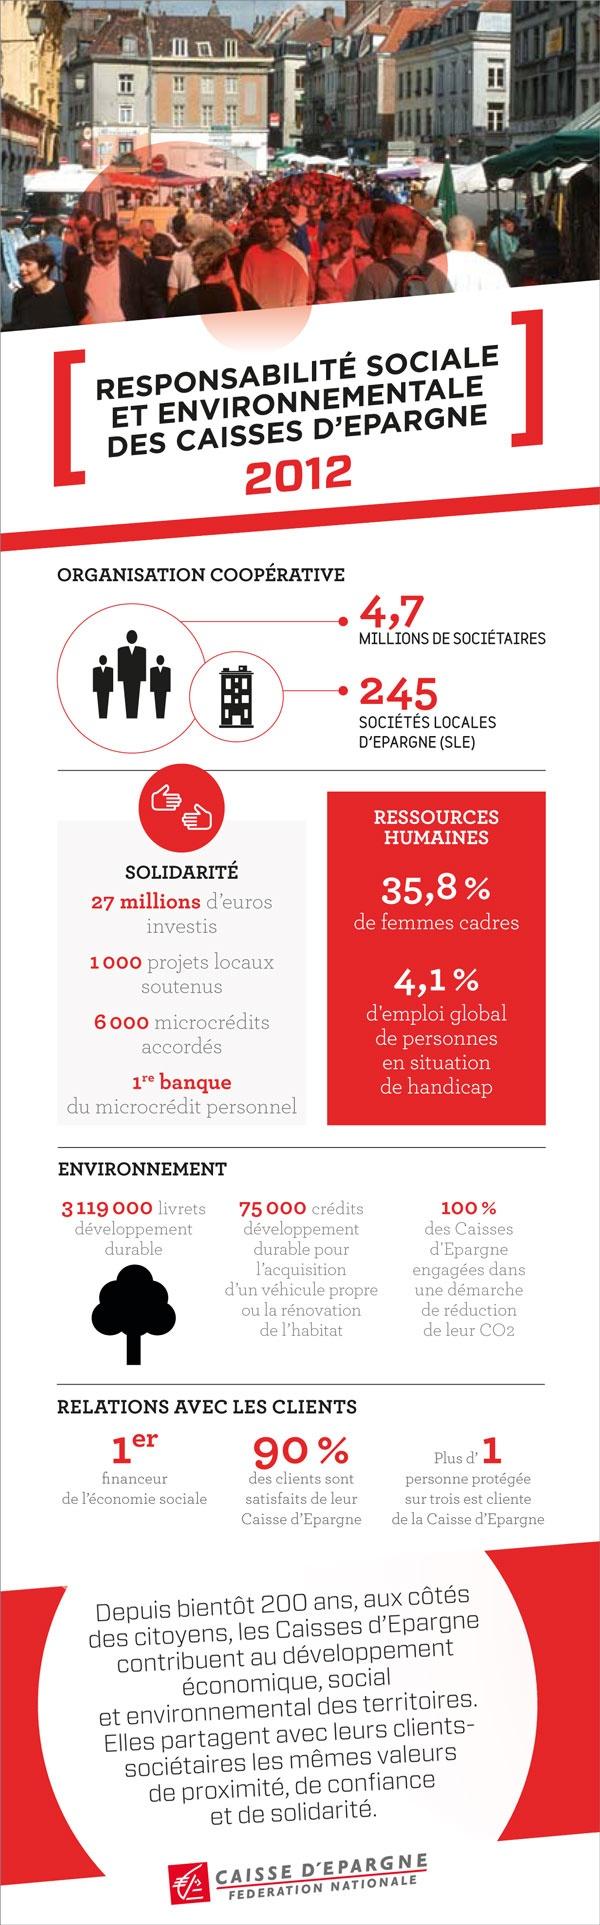 Responsabilité sociale et environnementale des Caisses d'Epargne 2012 - RSE - FNCE